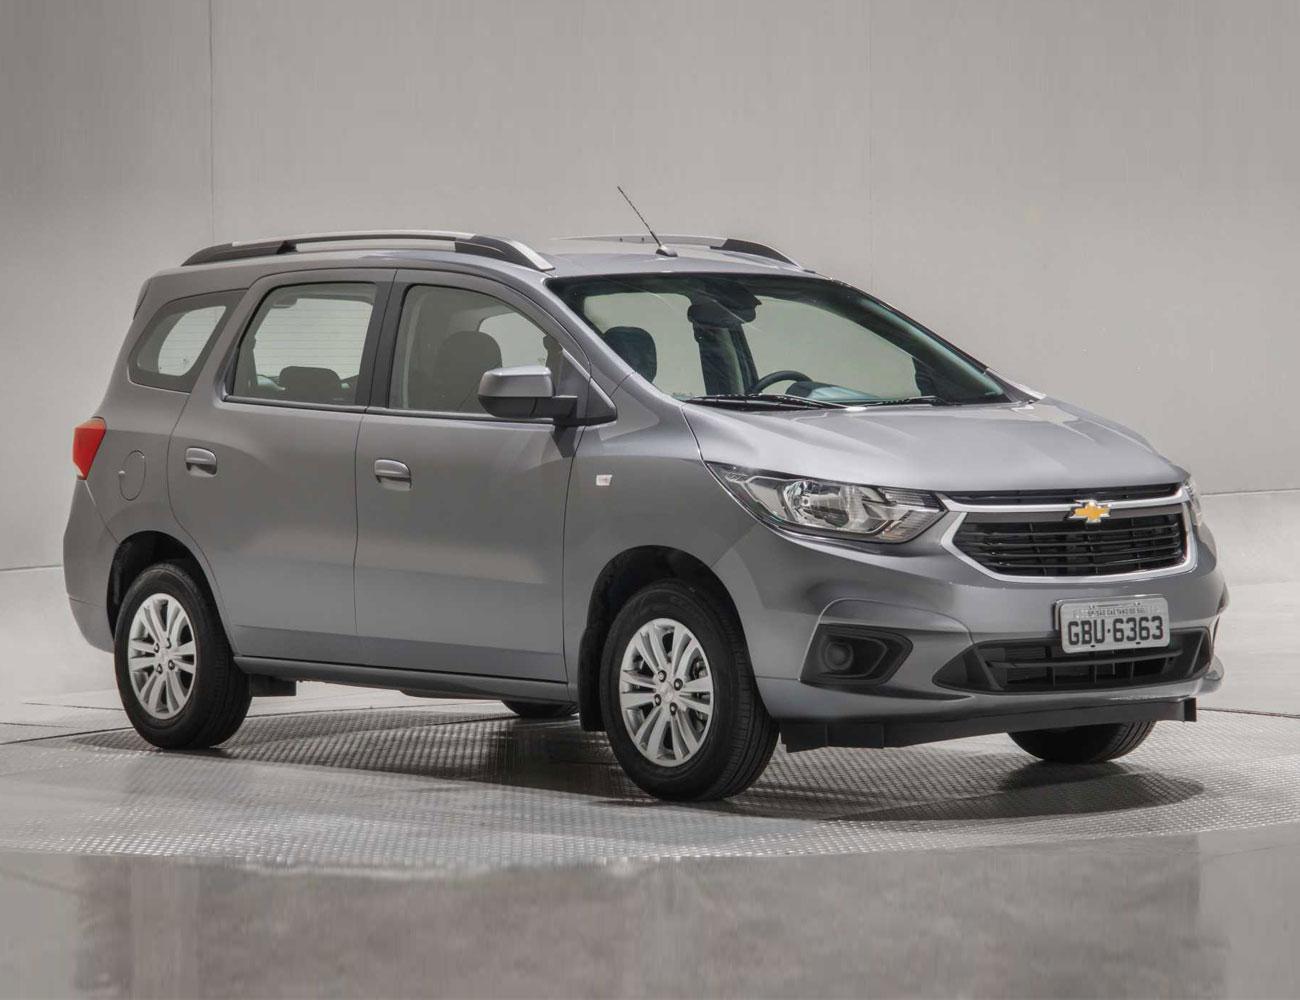 Chevrolet Spin (divulgação)